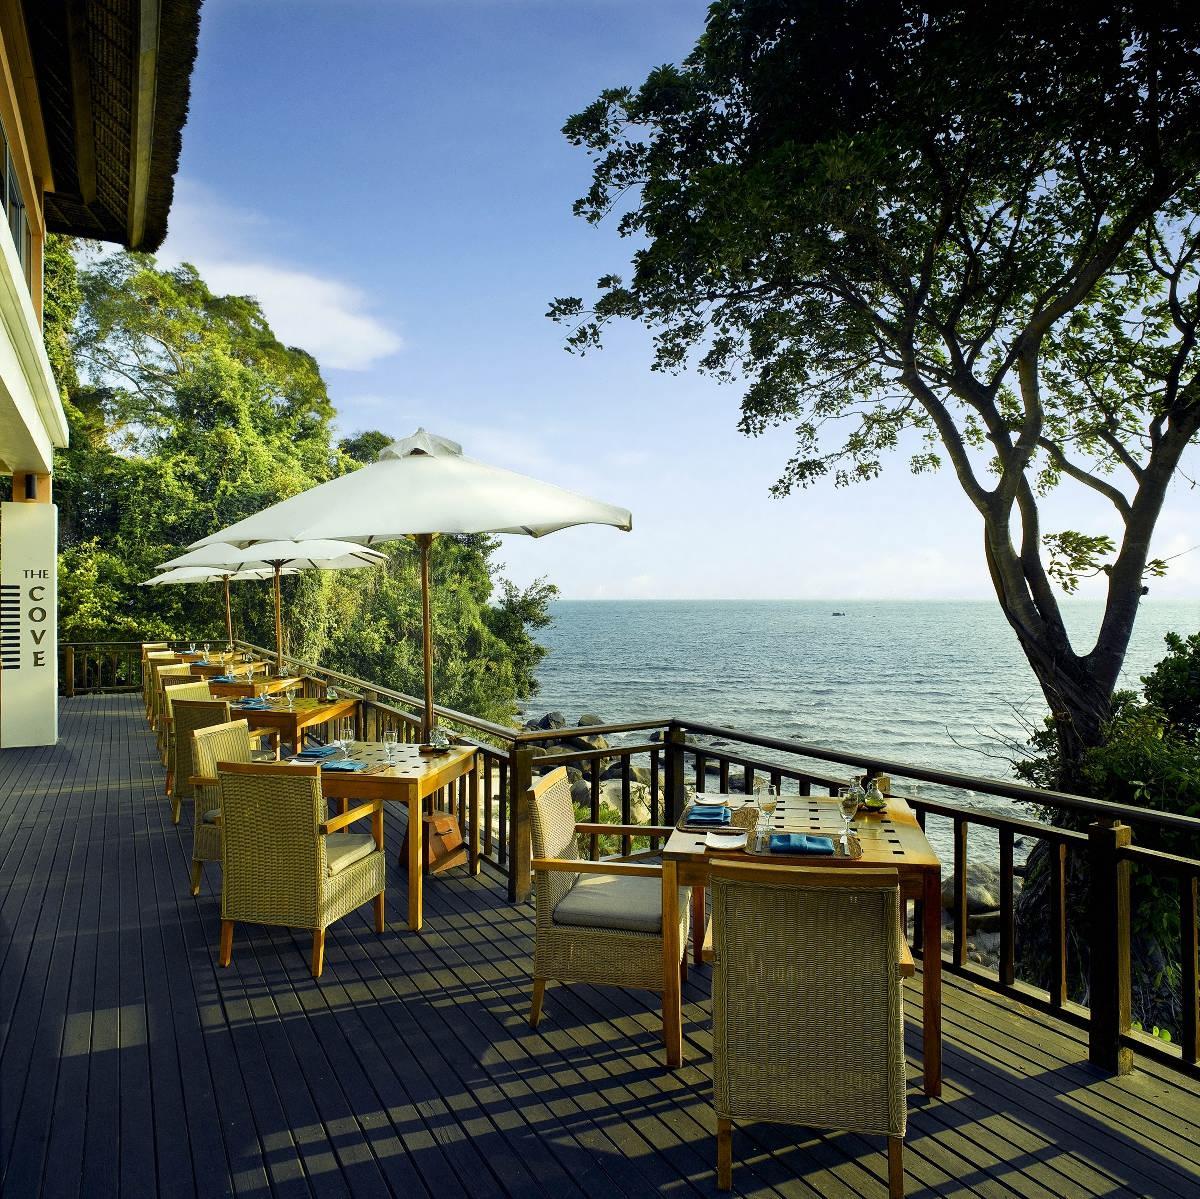 banyan tree hotel resorts Banyan tree phuket, thalang district: see 1504 traveller reviews, 2804 user   and best deals for banyan tree phuket, ranked #23 of 97 thalang district hotels, .